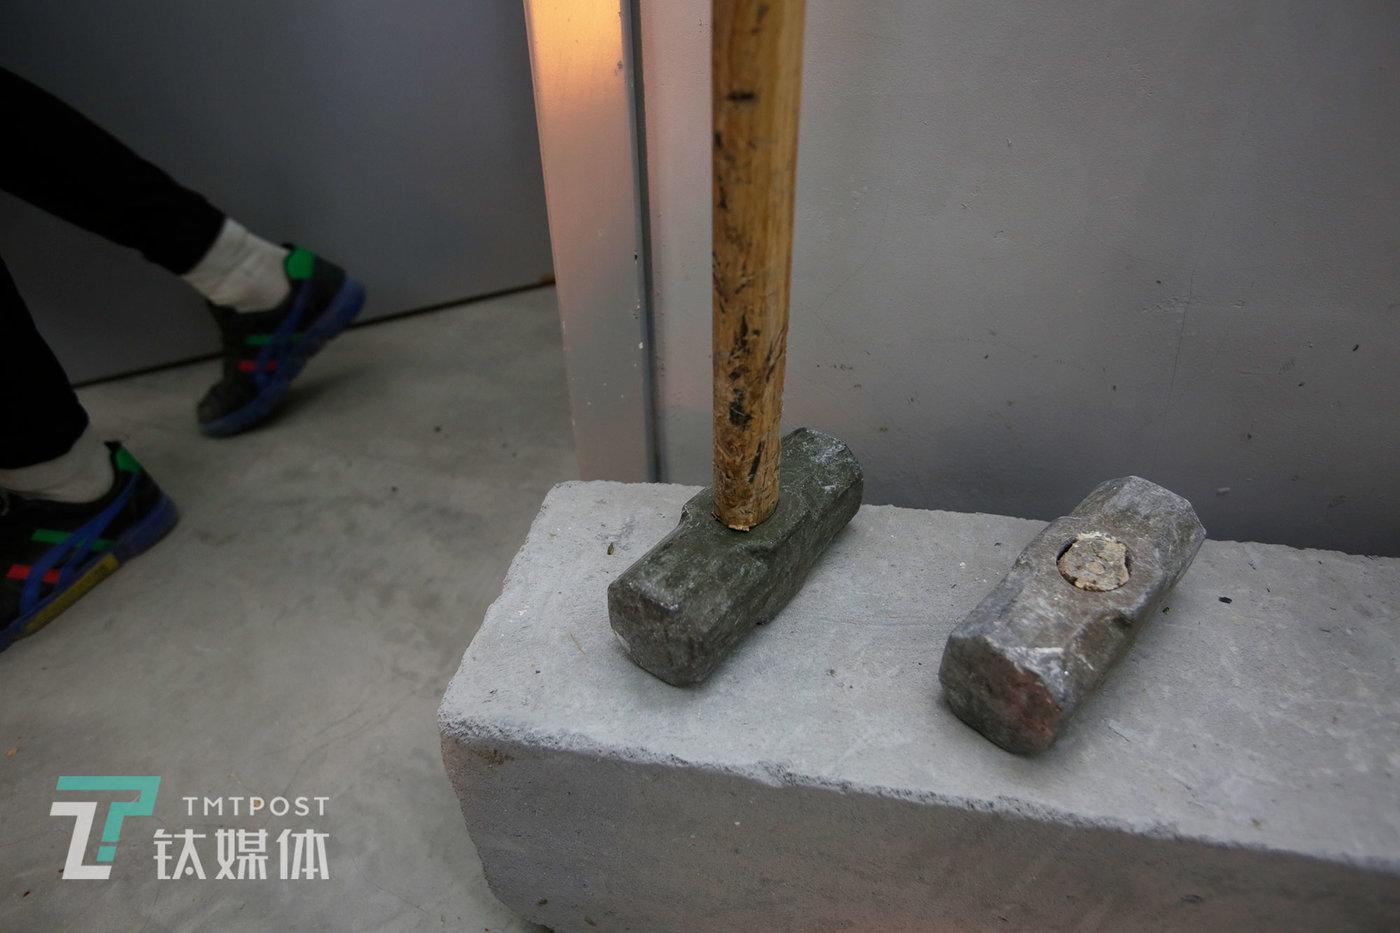 对一些棒球棍砸不动的金属制品比如DVD,店主给顾客准备了锤子,其中一个锤子被顾客砸断了。